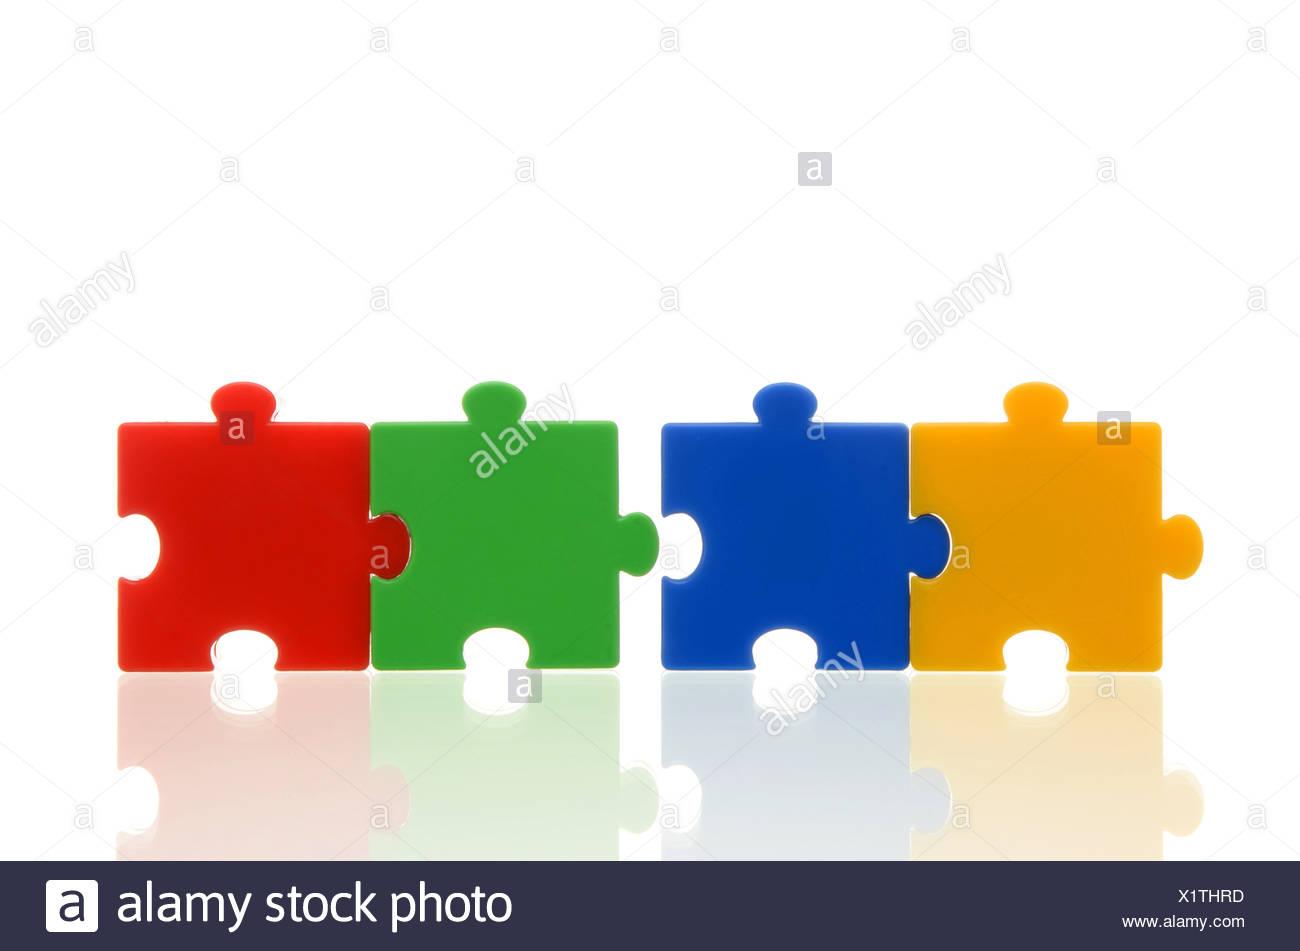 Pièces de puzzle de couleur différentes, deux paires de deux pièces du puzzle, l'image symbolique pour l'équipe, série Photo Stock